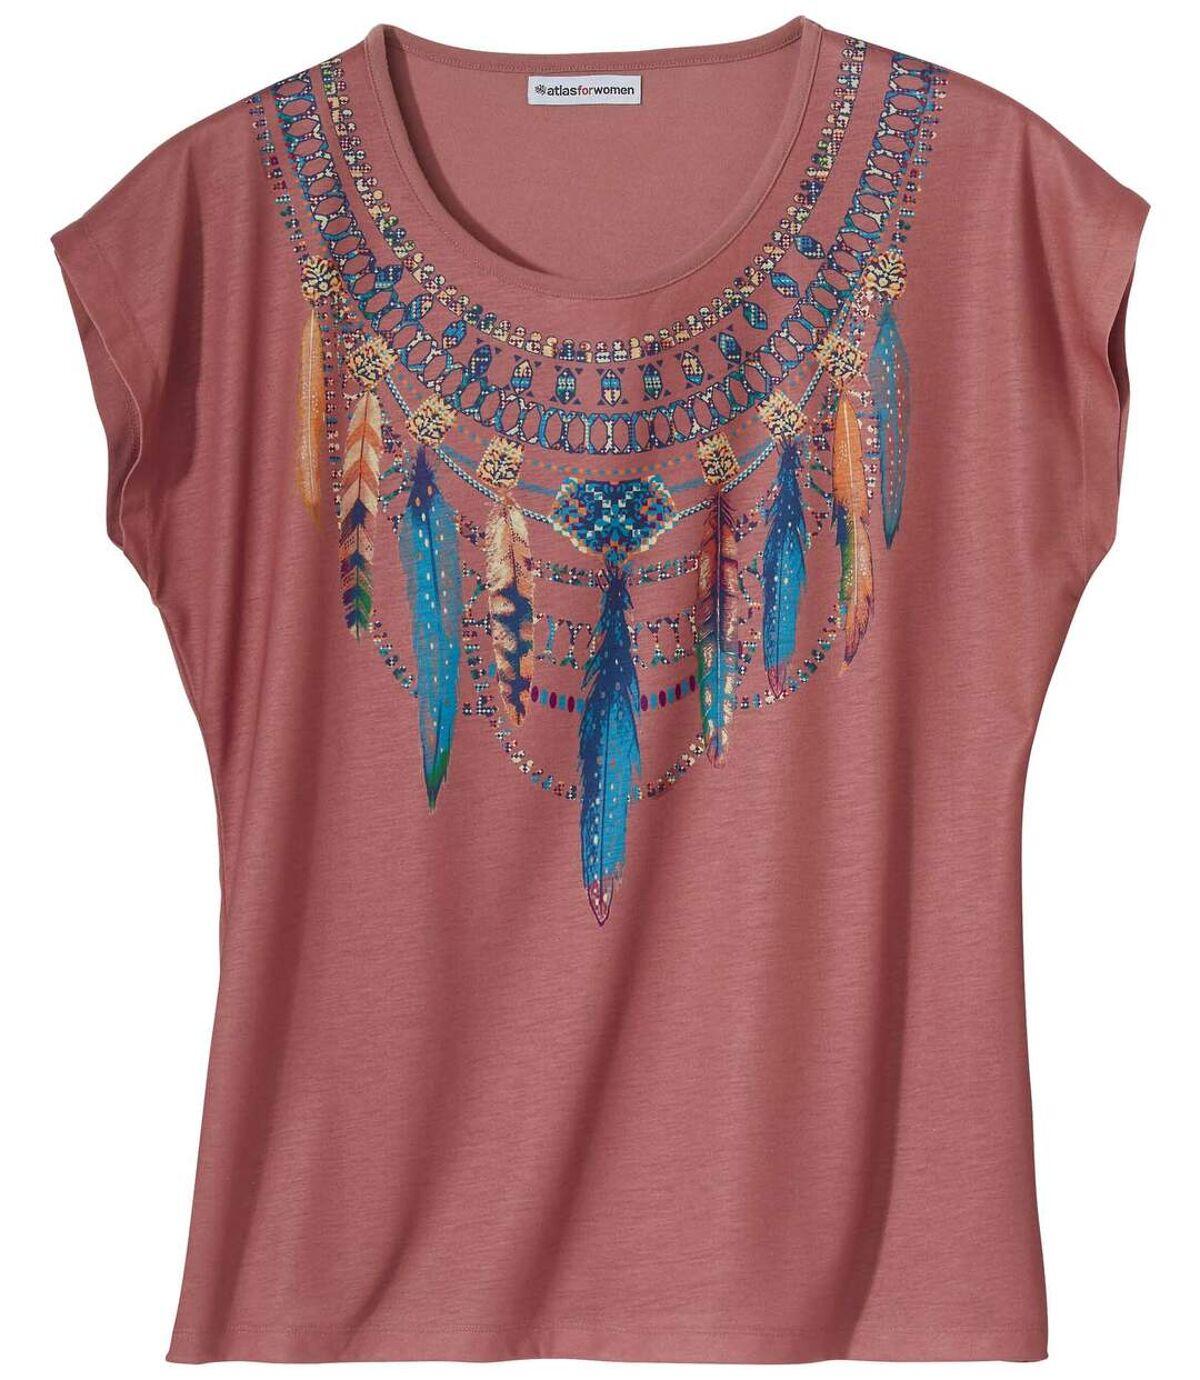 Women's Pink Top - Necklace Print Atlas For Men